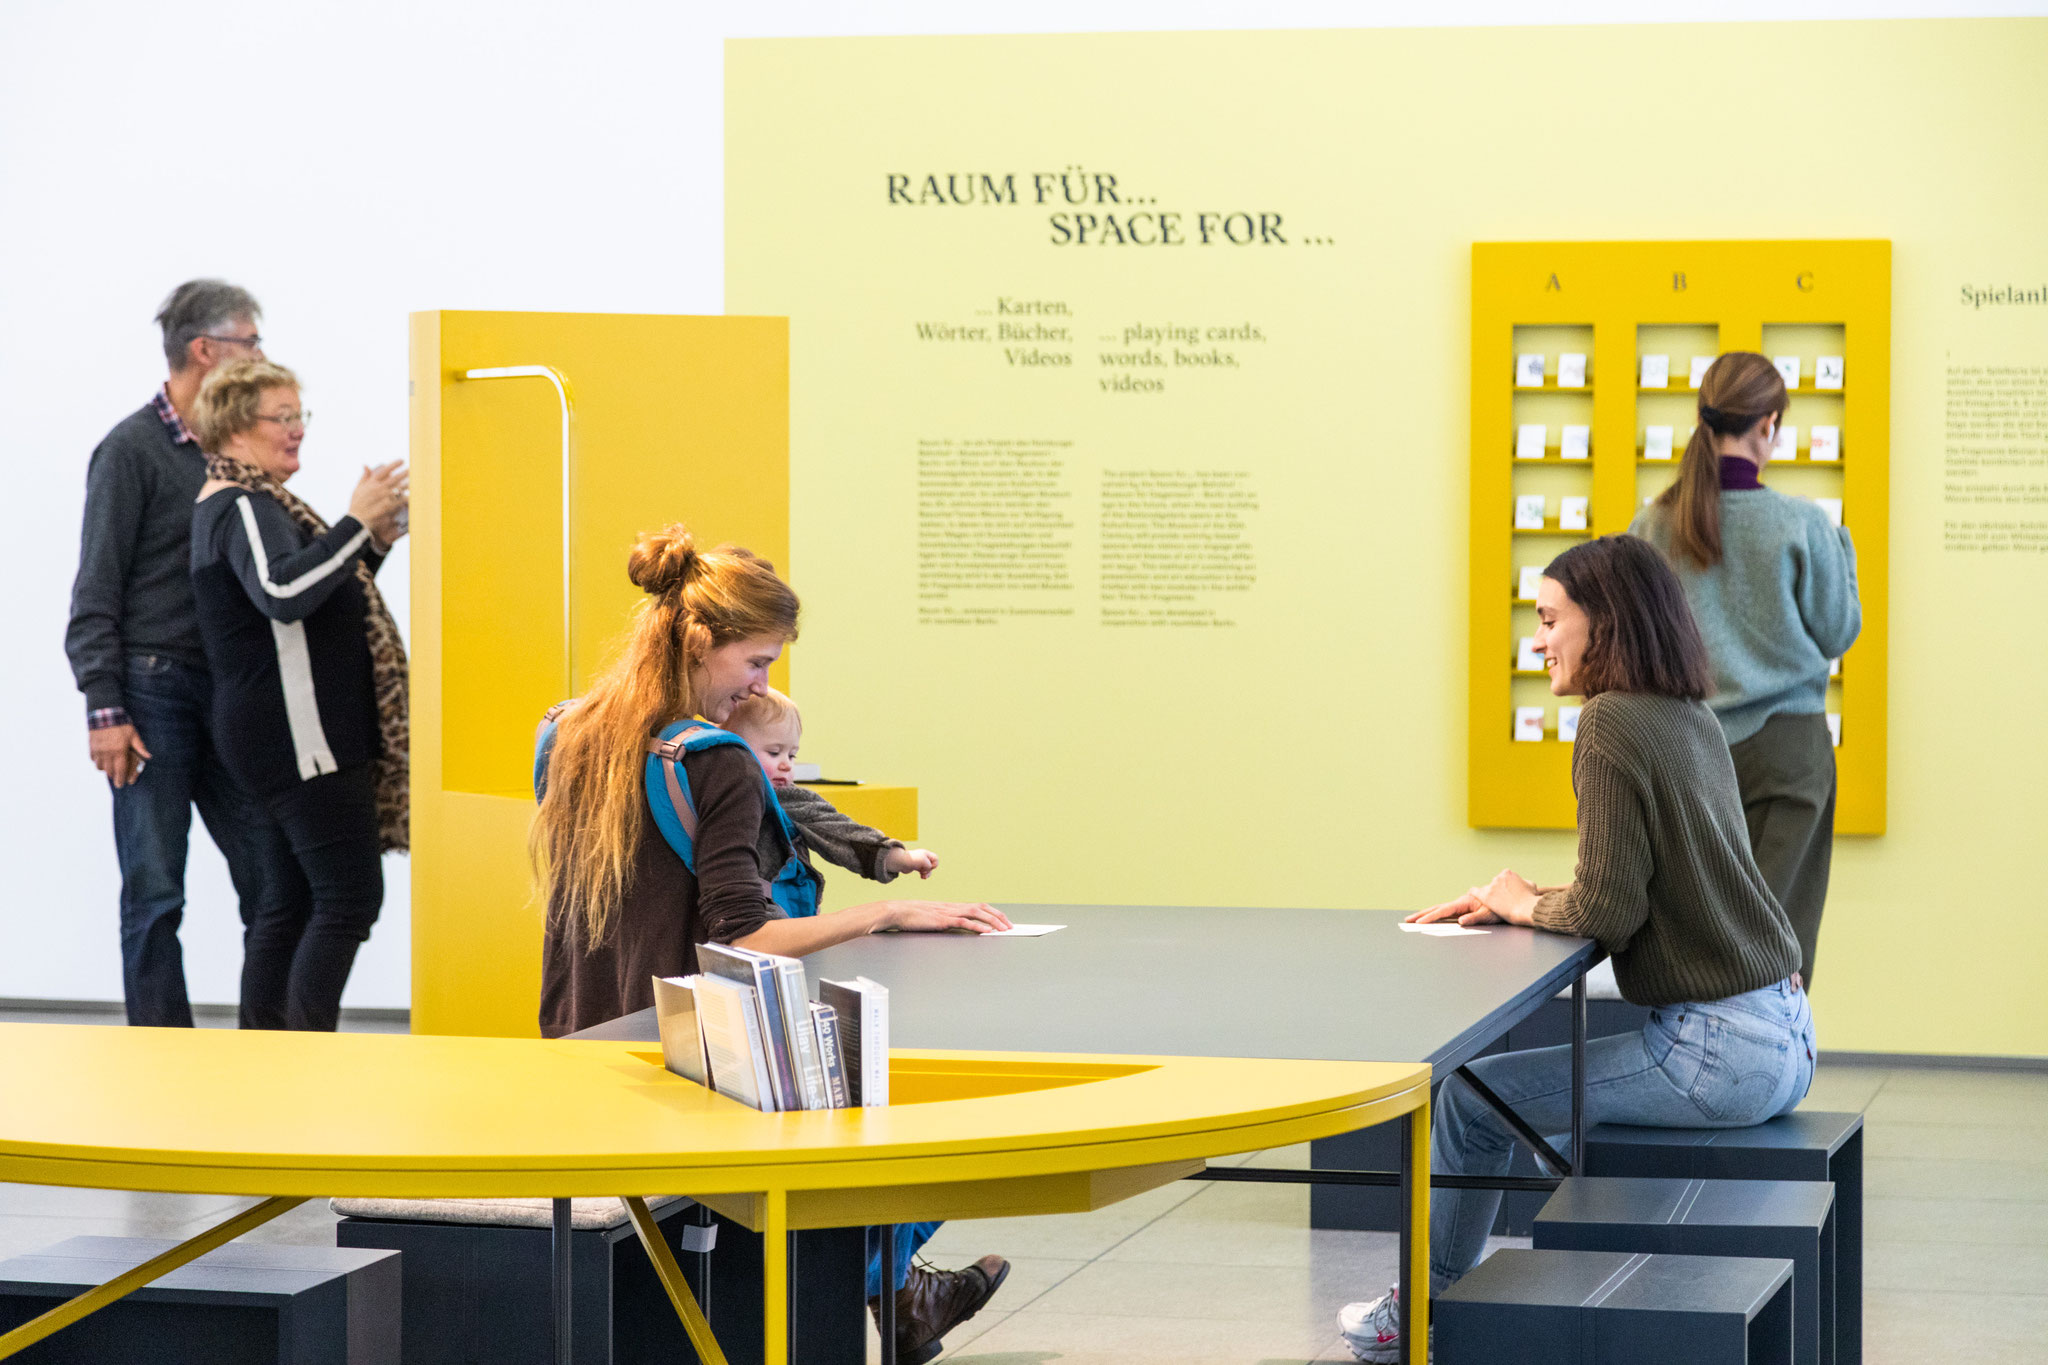 ©Staatliche Museen zu Berlin / Valerie Schmidt, 2019